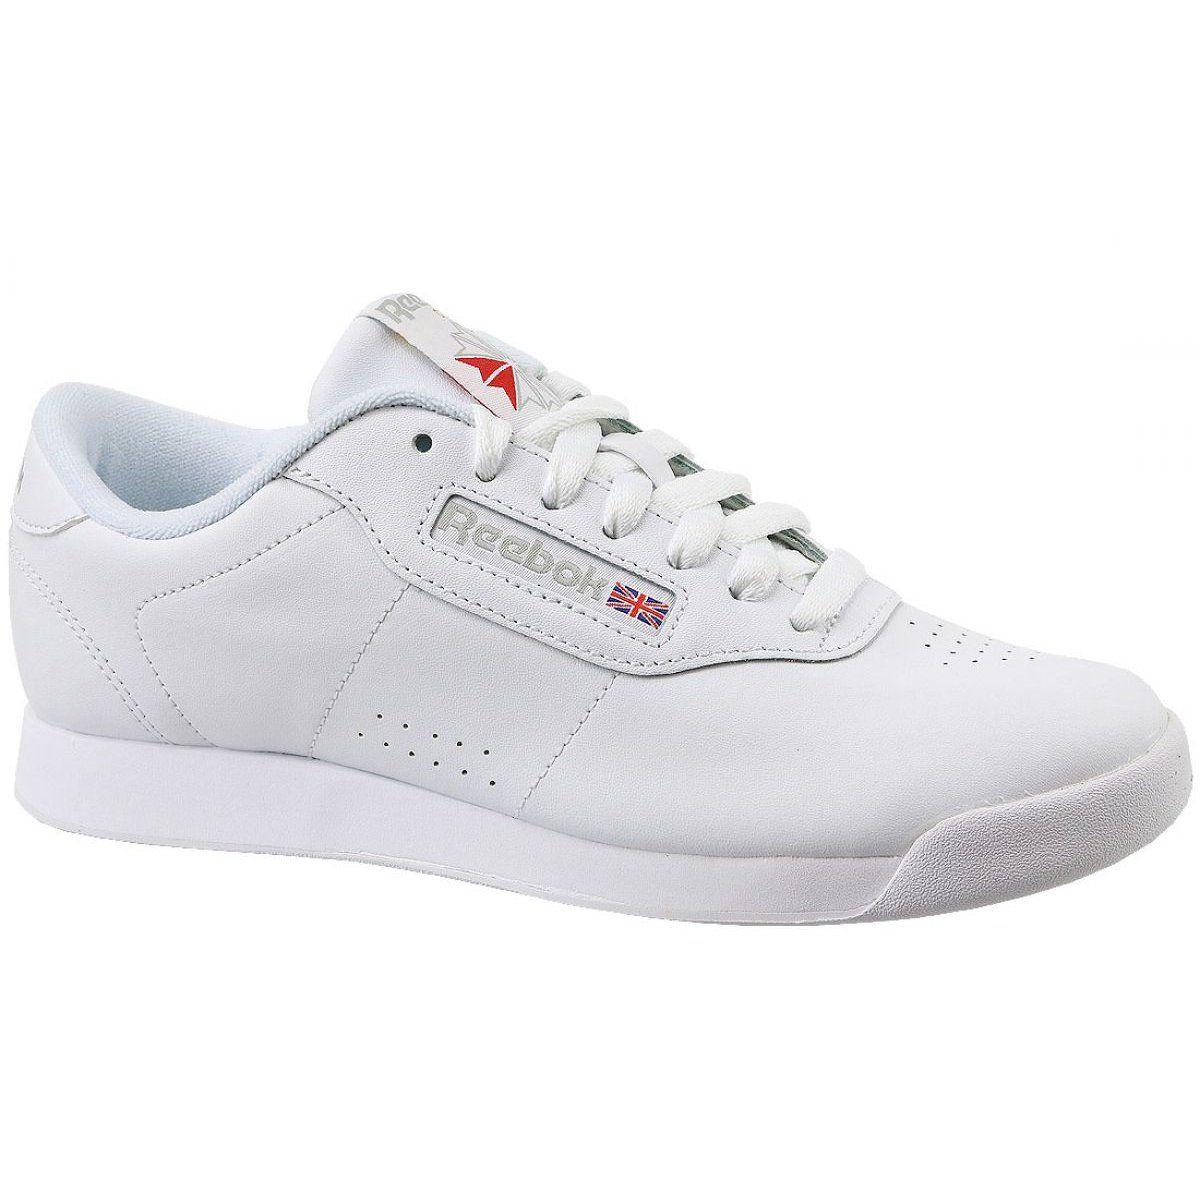 Buty Reebok Princess W Cn2212 Biale Reebok Princess Sport Shoes Women Reebok